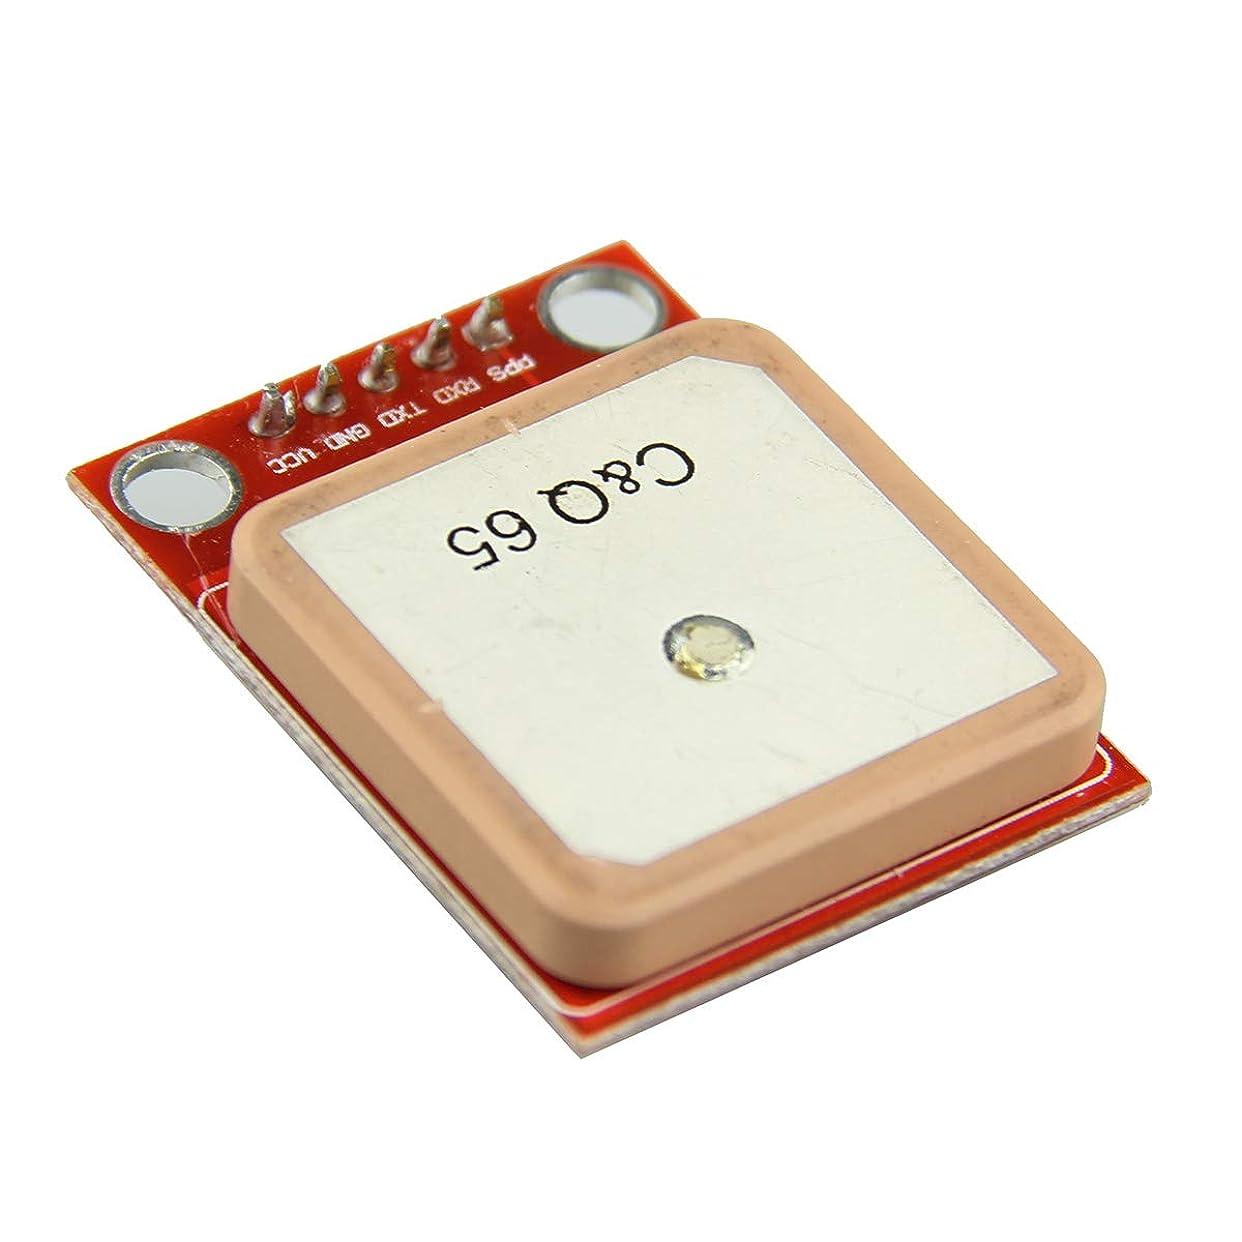 病気の範囲おびえたGD GPS Module GPS-NEO-6M-001 3.3/5V Ceramic Passive Module with Antenna Support For Raspberry Pi 2/B+